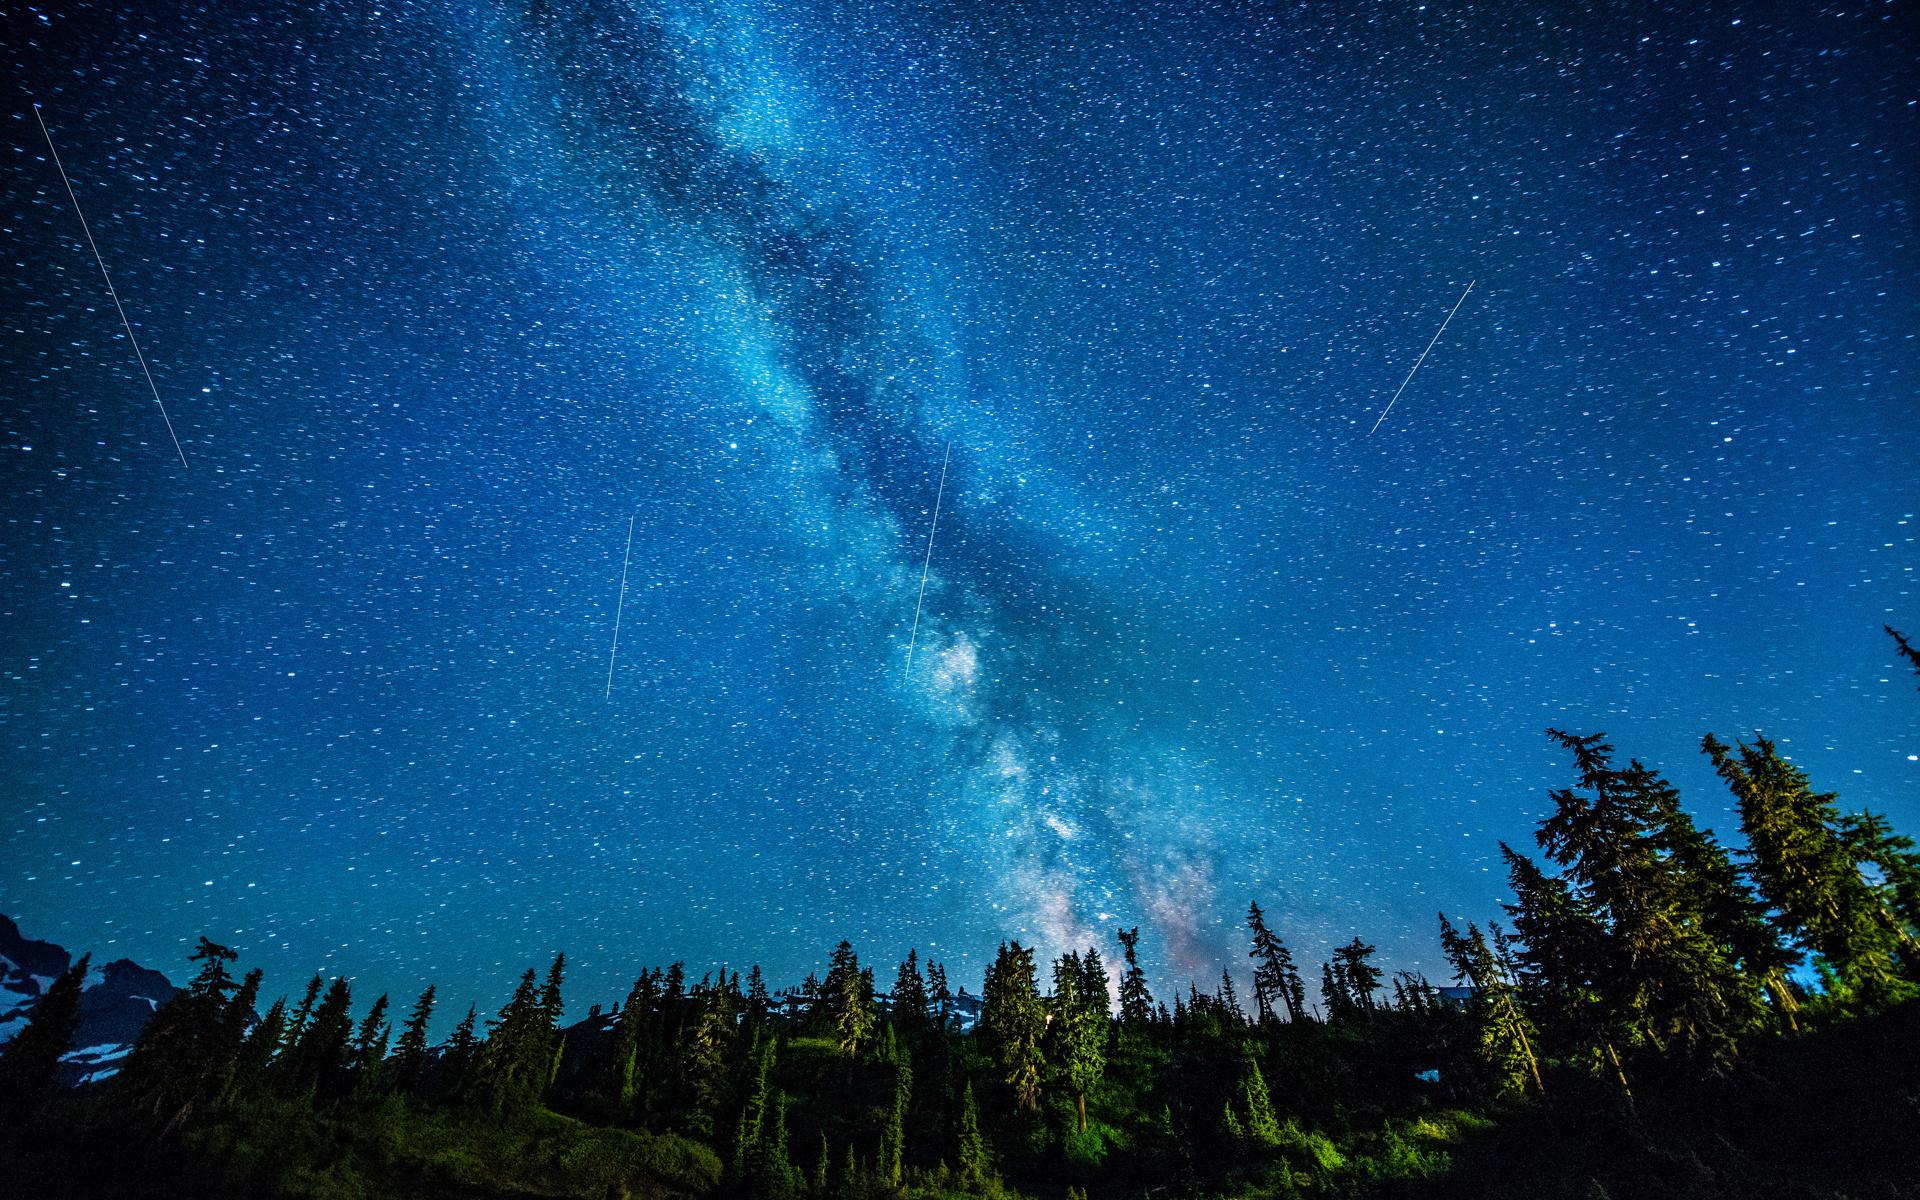 картинки ночного неба в живую теперь вопрос просто